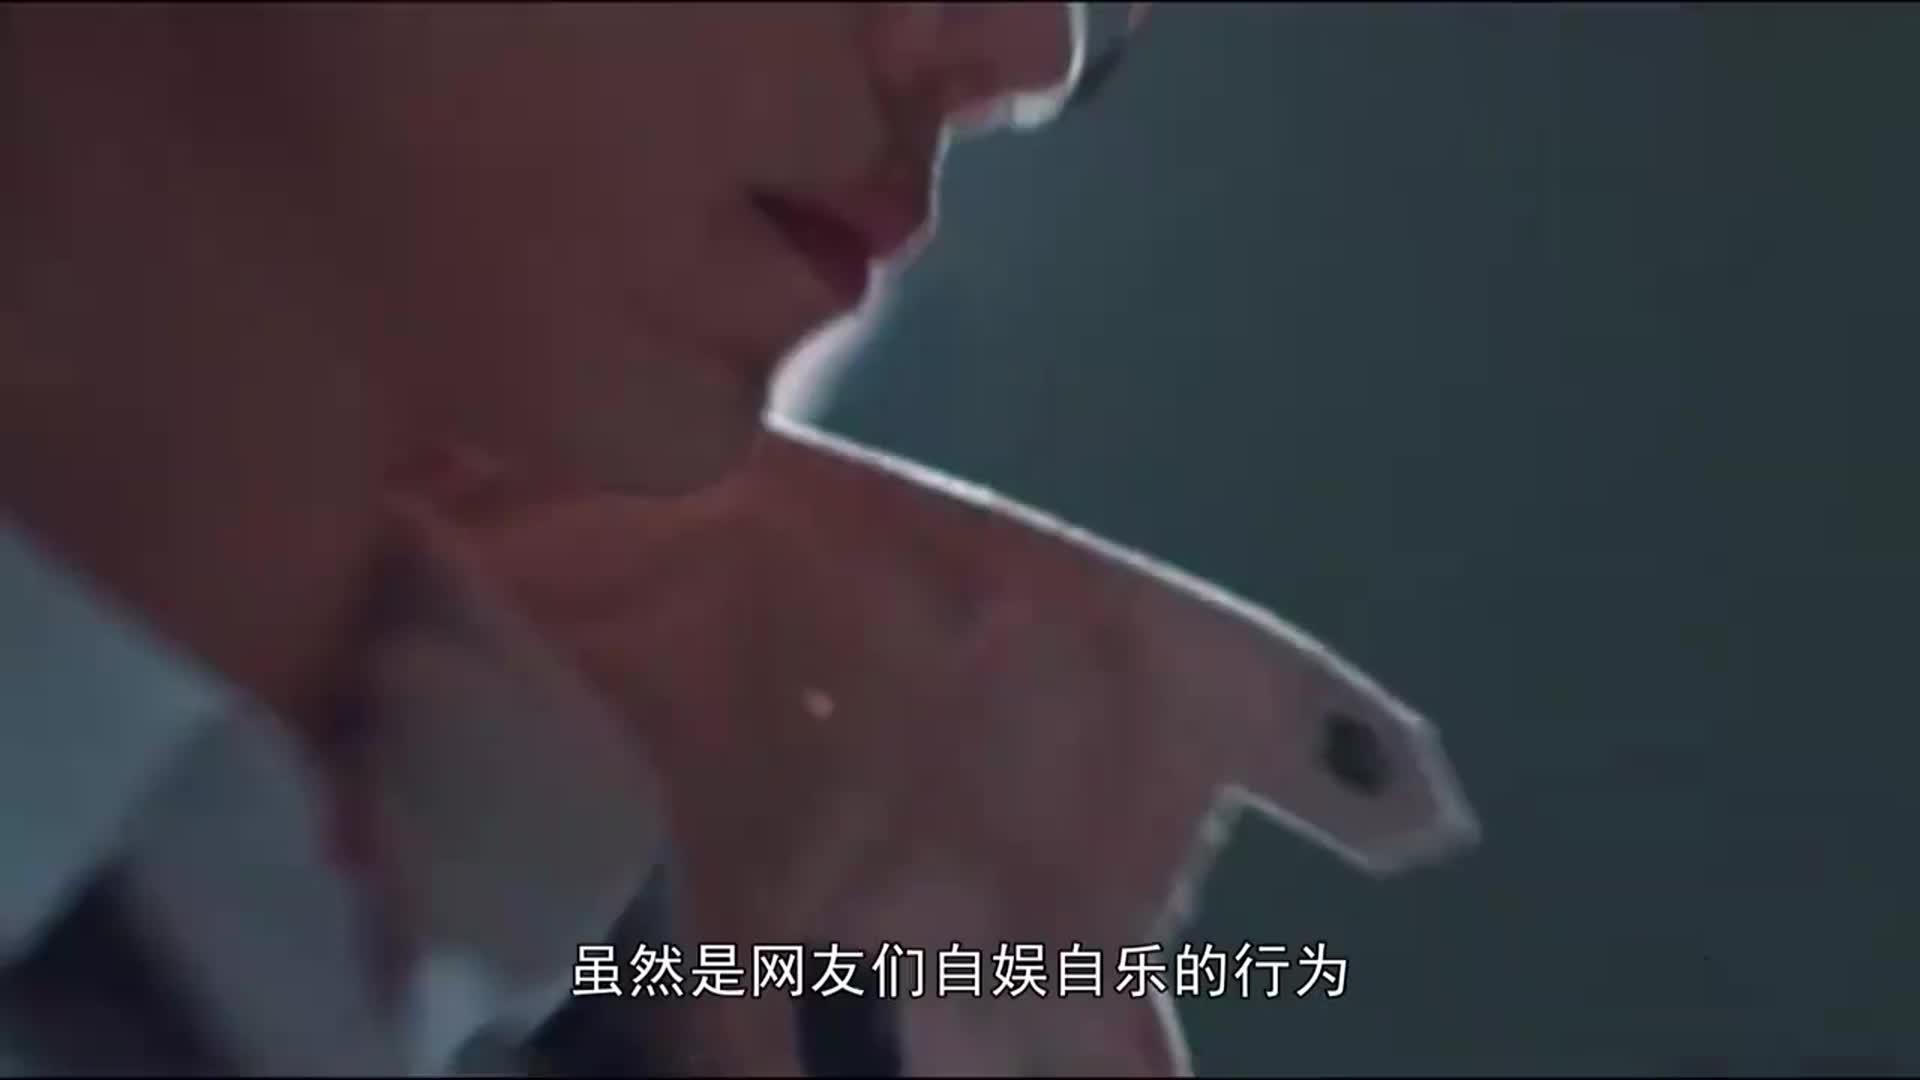 肖战入选《中国新闻周刊》,还与词牌完美契合,网友-终于等到你